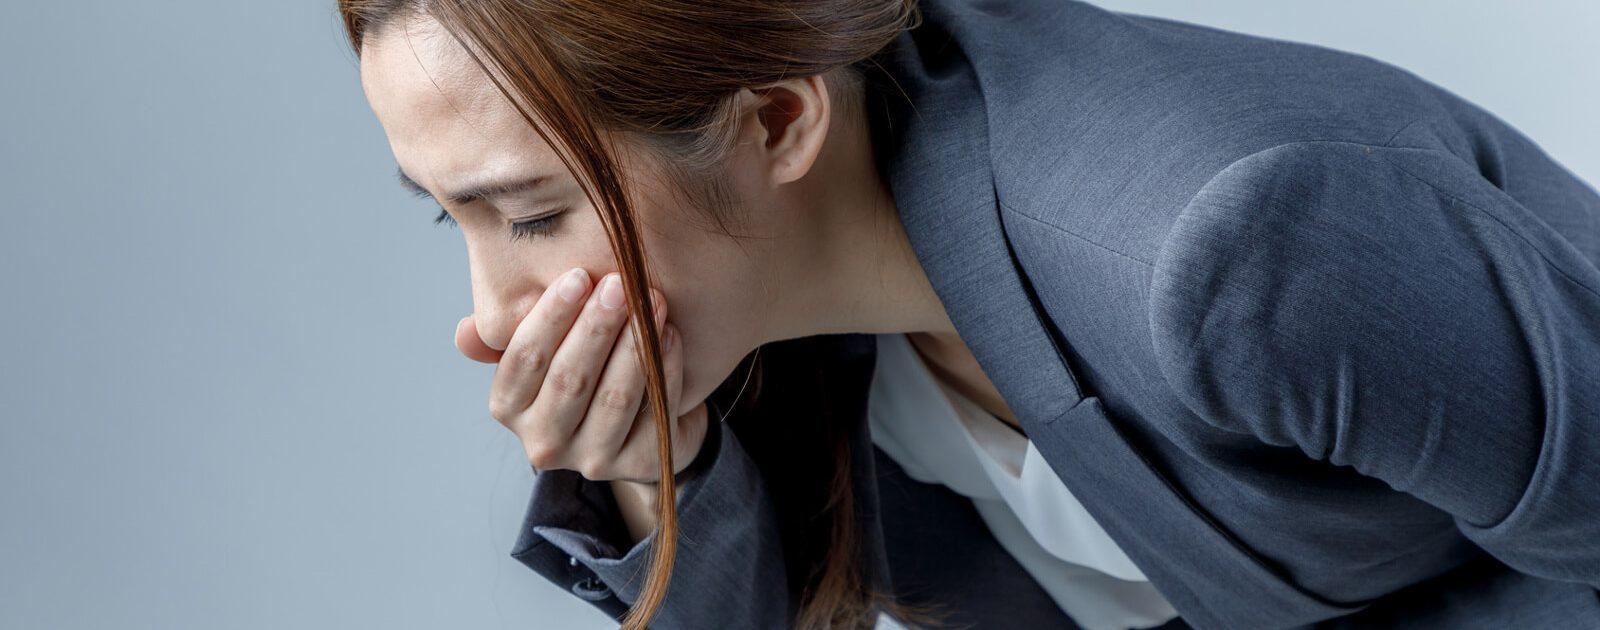 Eine Frau hat sich den Magen verdorben und hält sich die Hand vor den Mund, um sich nicht zu übergeben.